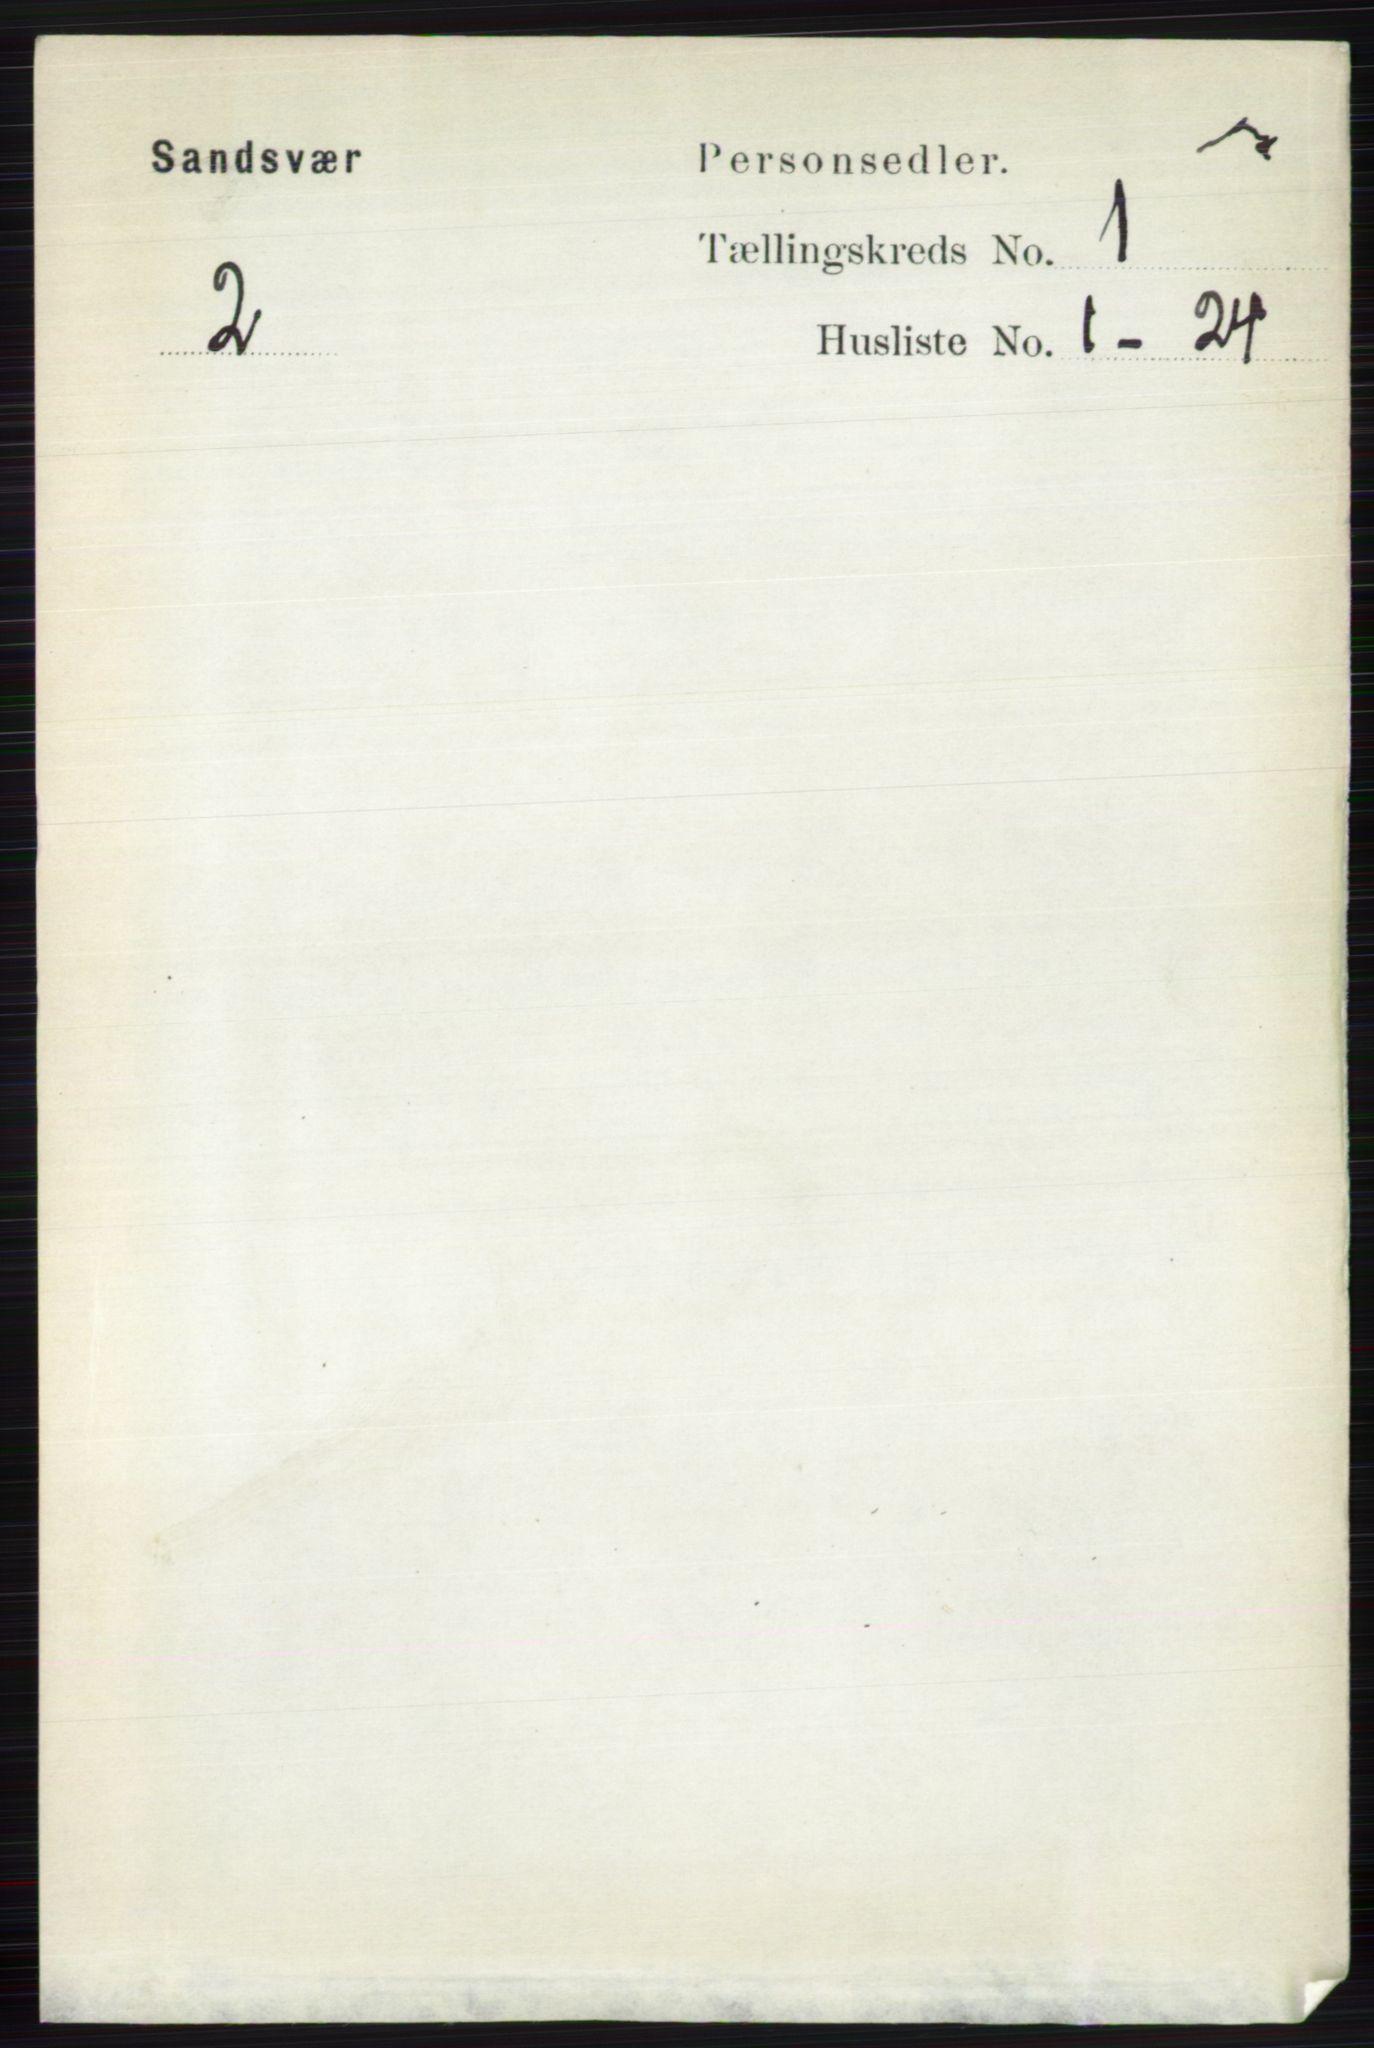 RA, Folketelling 1891 for 0629 Sandsvær herred, 1891, s. 116